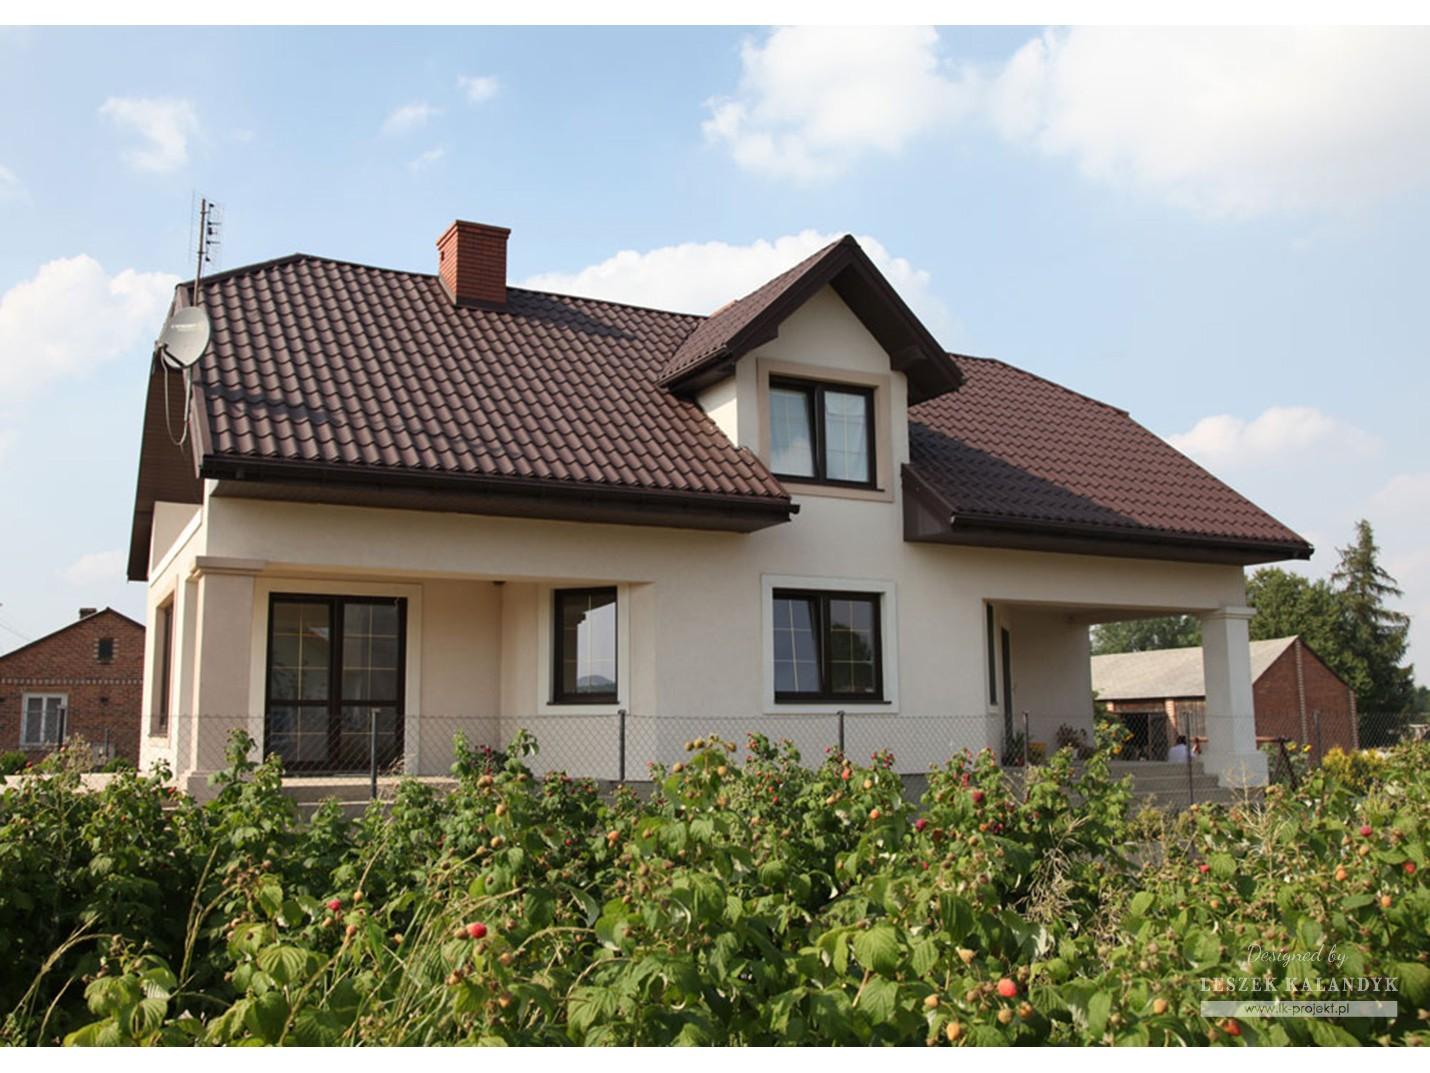 Projekt domu LK&271